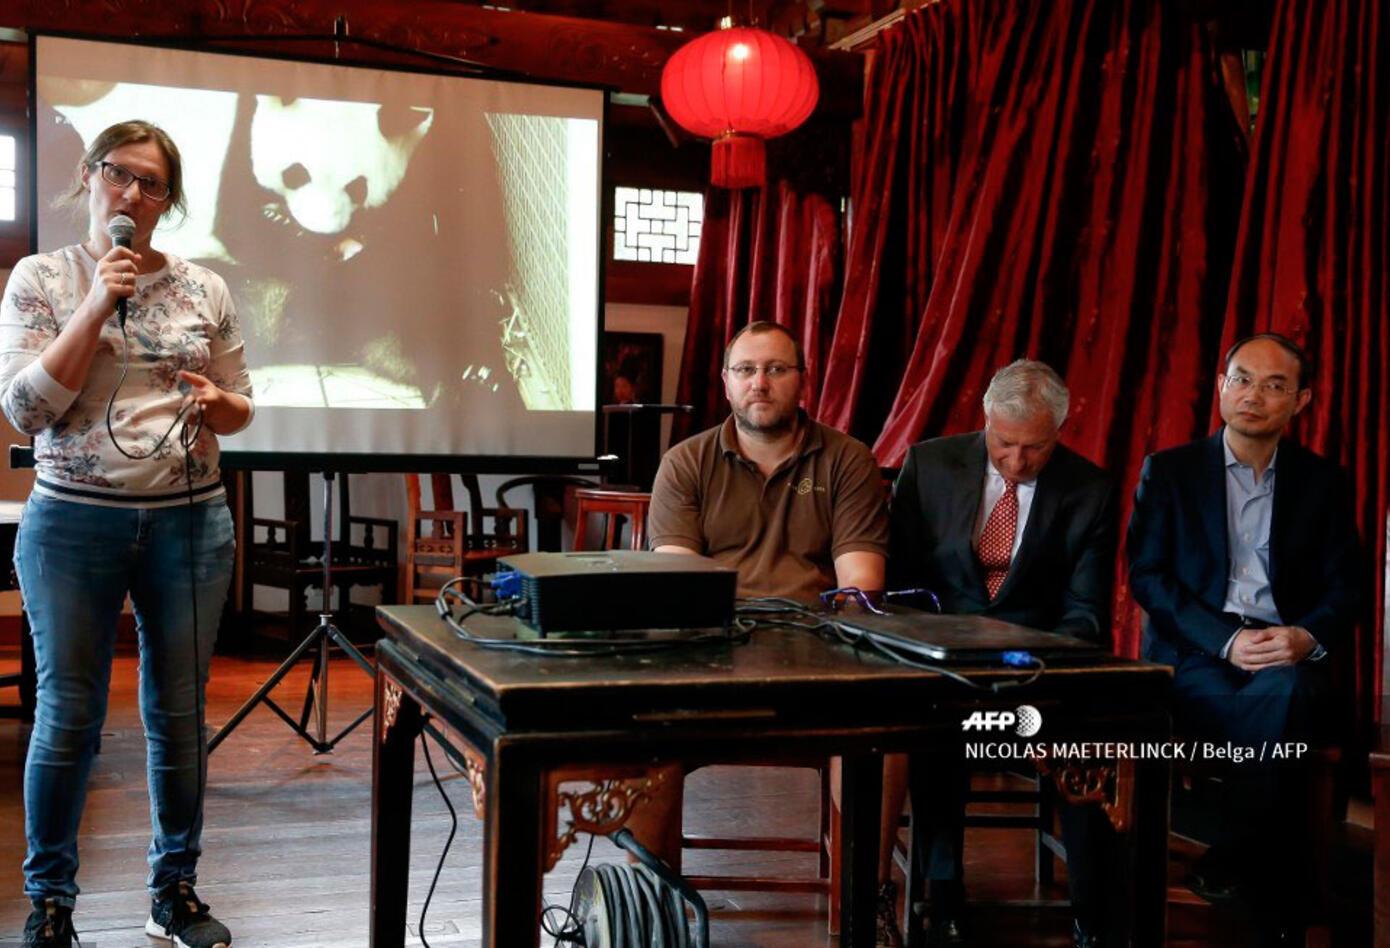 Los responsables del parque belga expresaron su satisfacción por la fecha del nacimiento, el 8 de agosto (8/8), un número que simboliza la buena suerte en la cultura china.